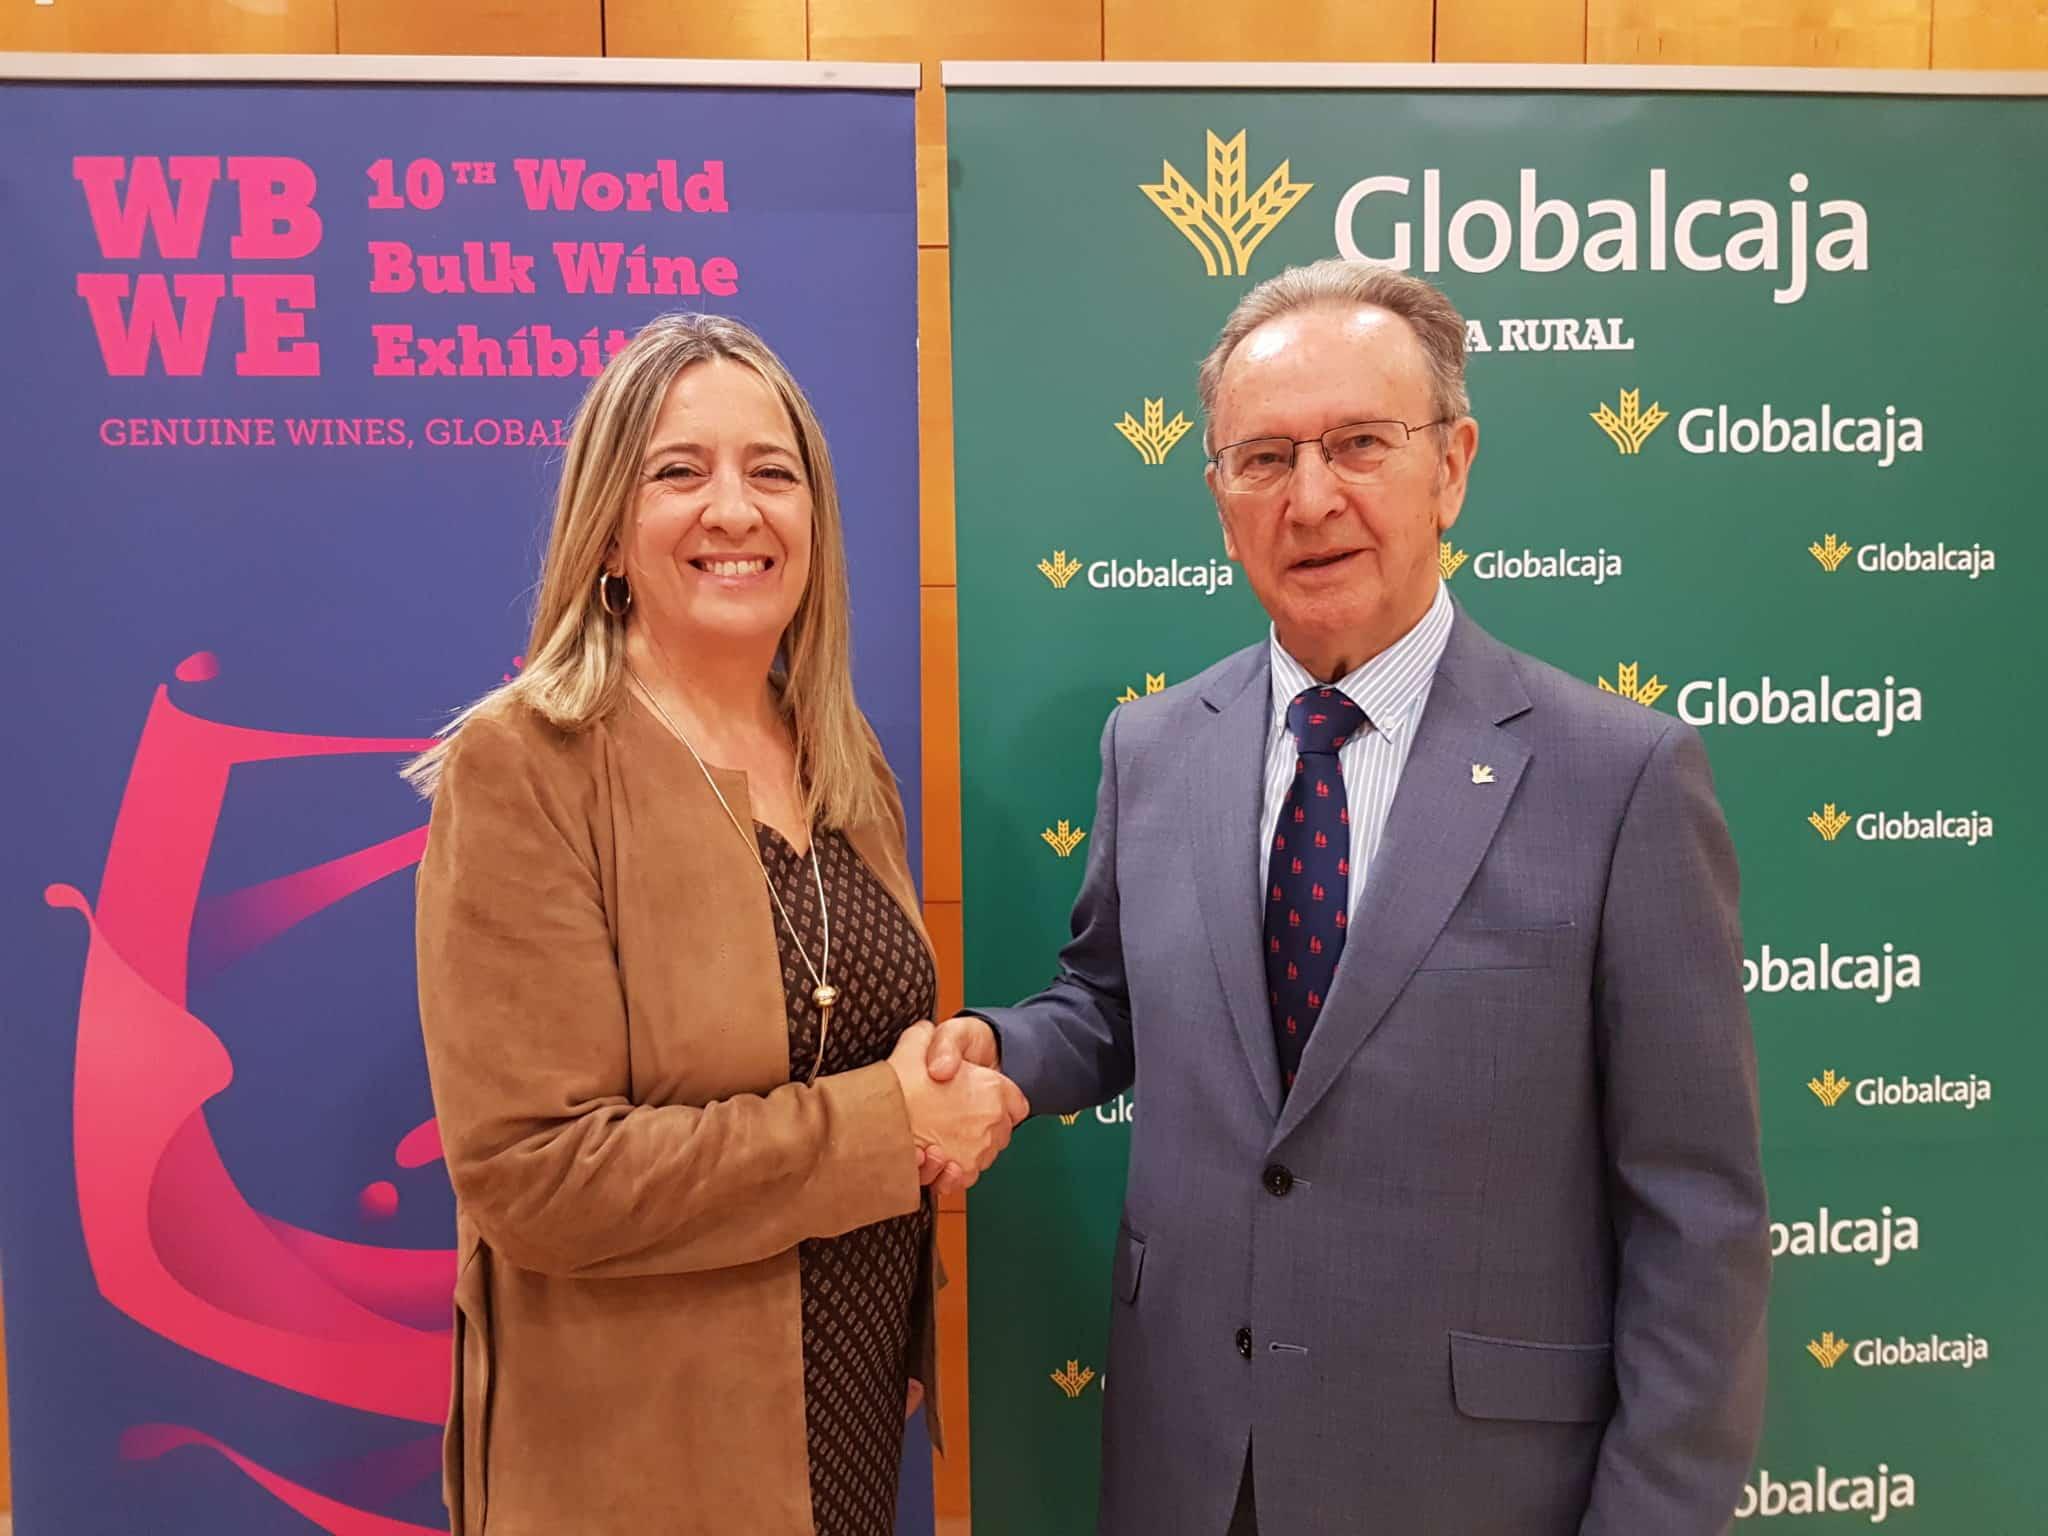 https://blog.globalcaja.es/wp-content/uploads/2018/10/20181010_1202090.jpg